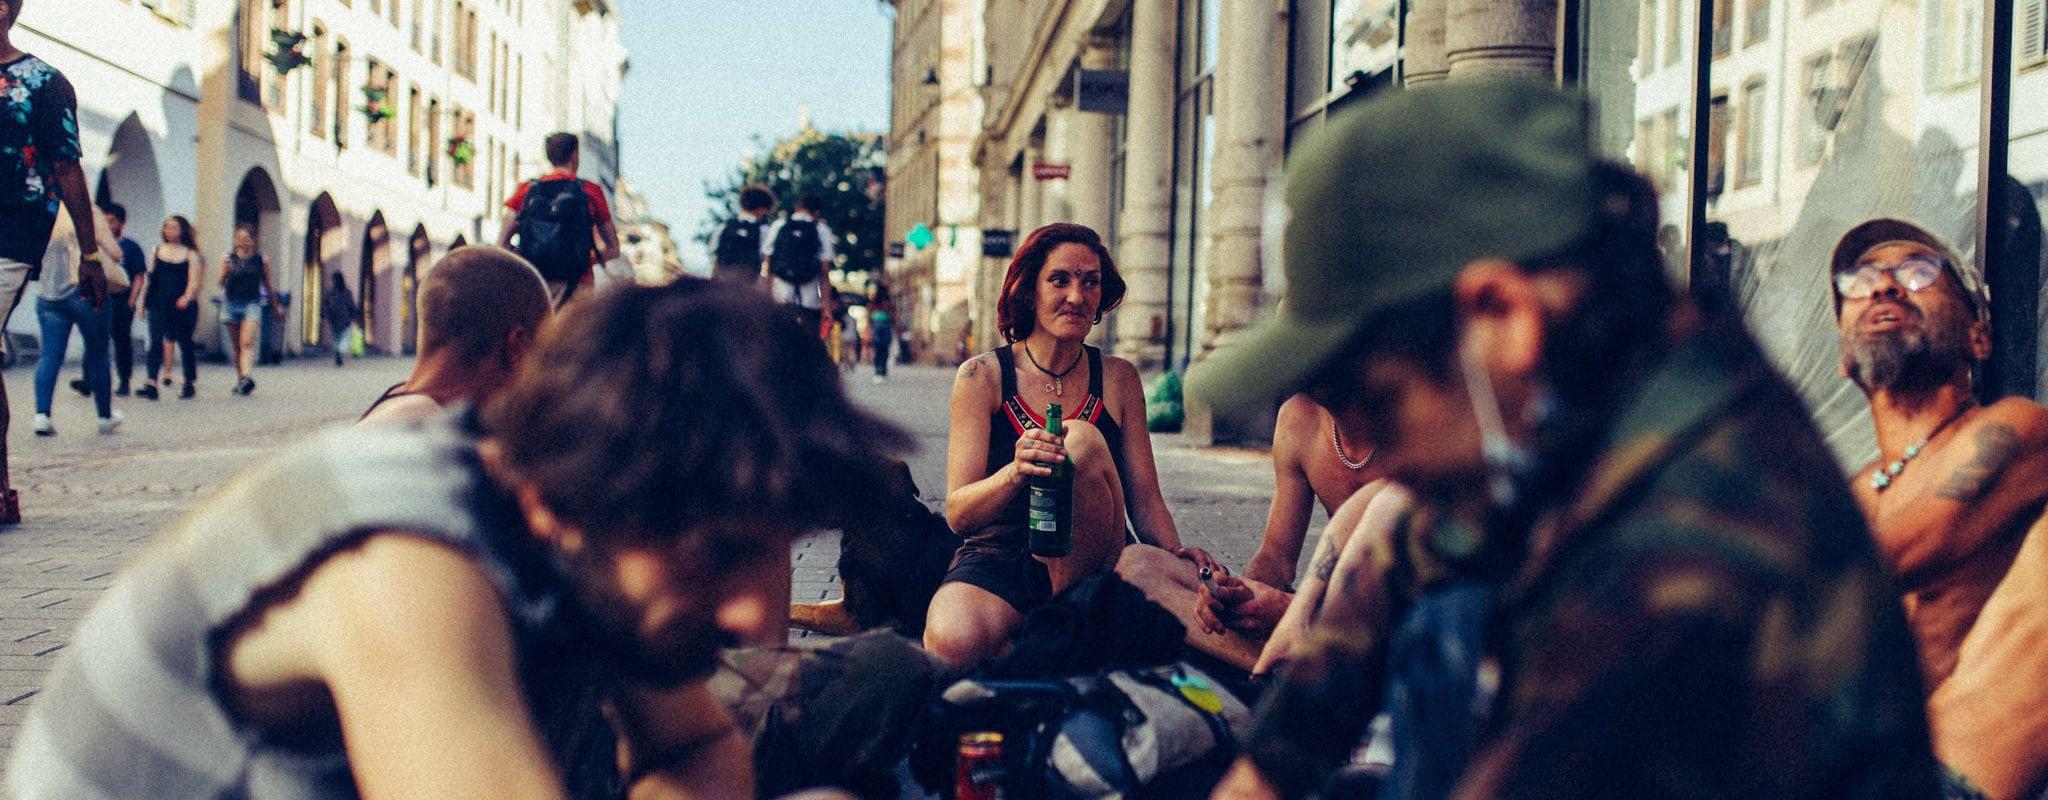 Avec les punks à chien de Strasbourg, en quête de liberté